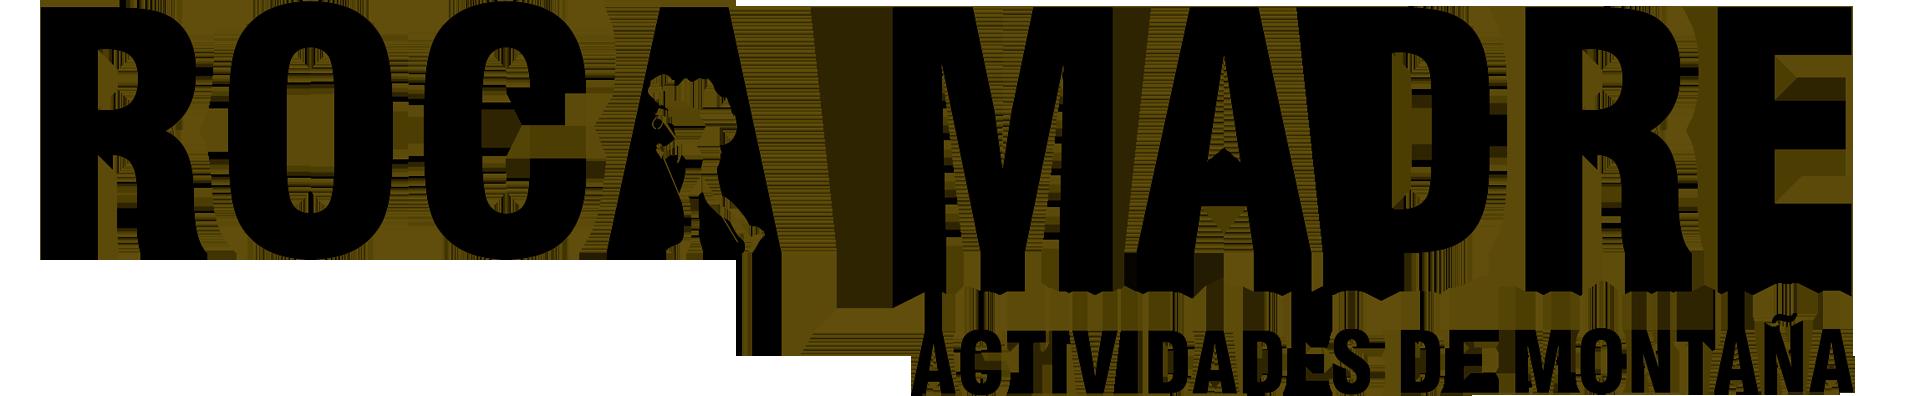 Rocamadre | Actividades de Montaña